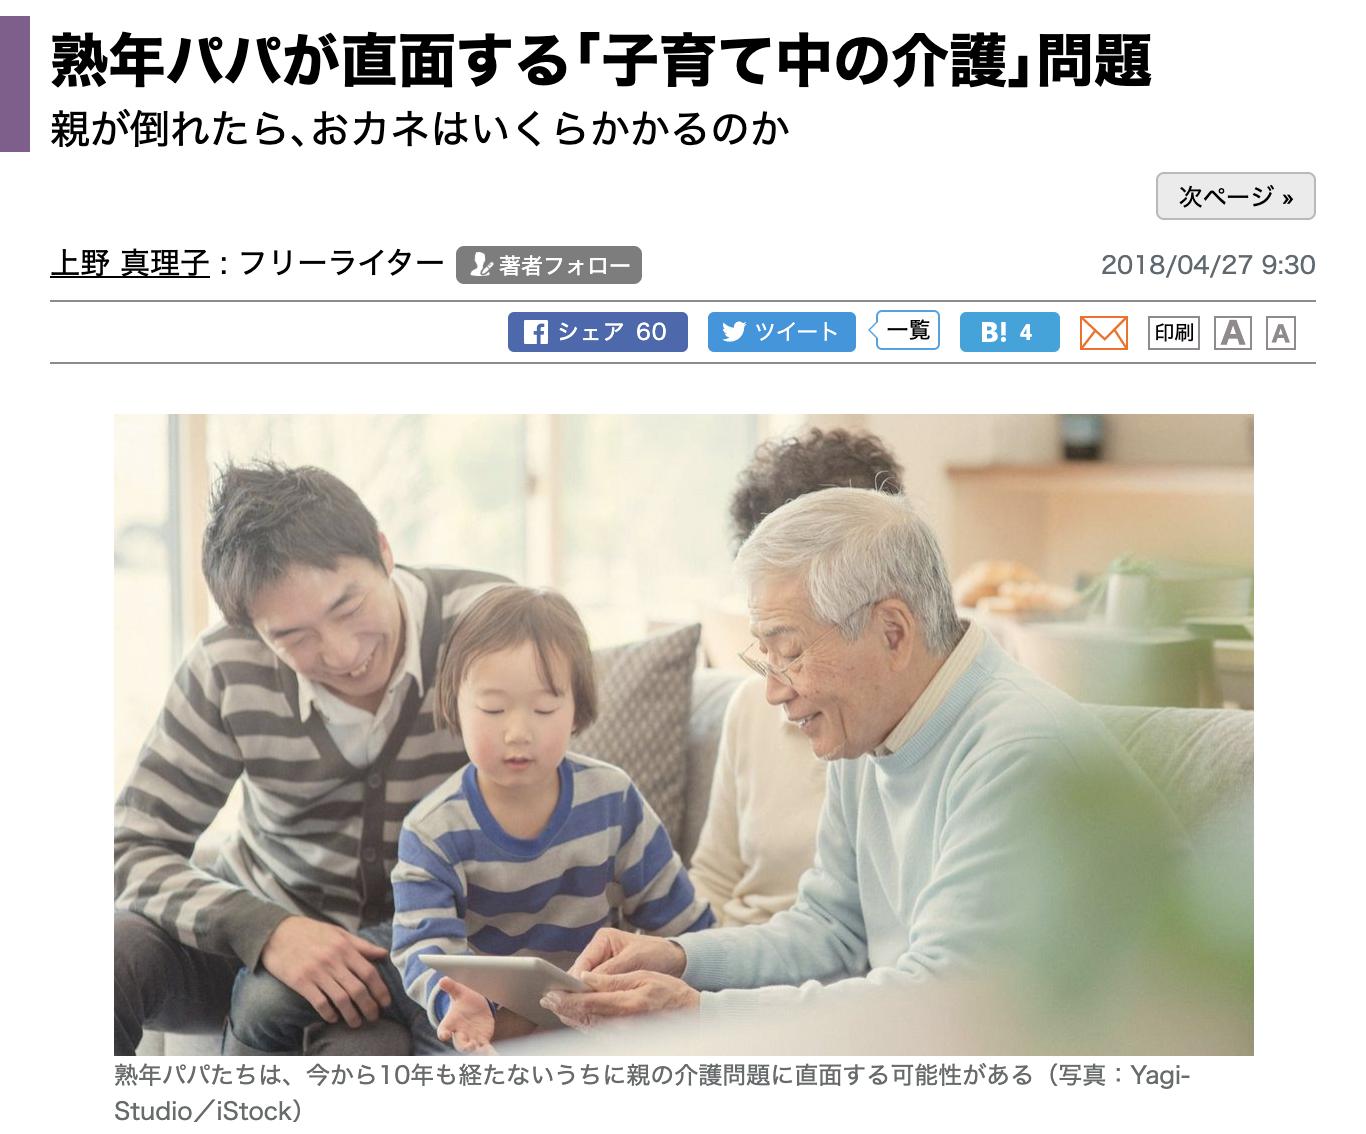 東洋経済ONLINE『熟年パパが直面する「子育て中の介護」問題』